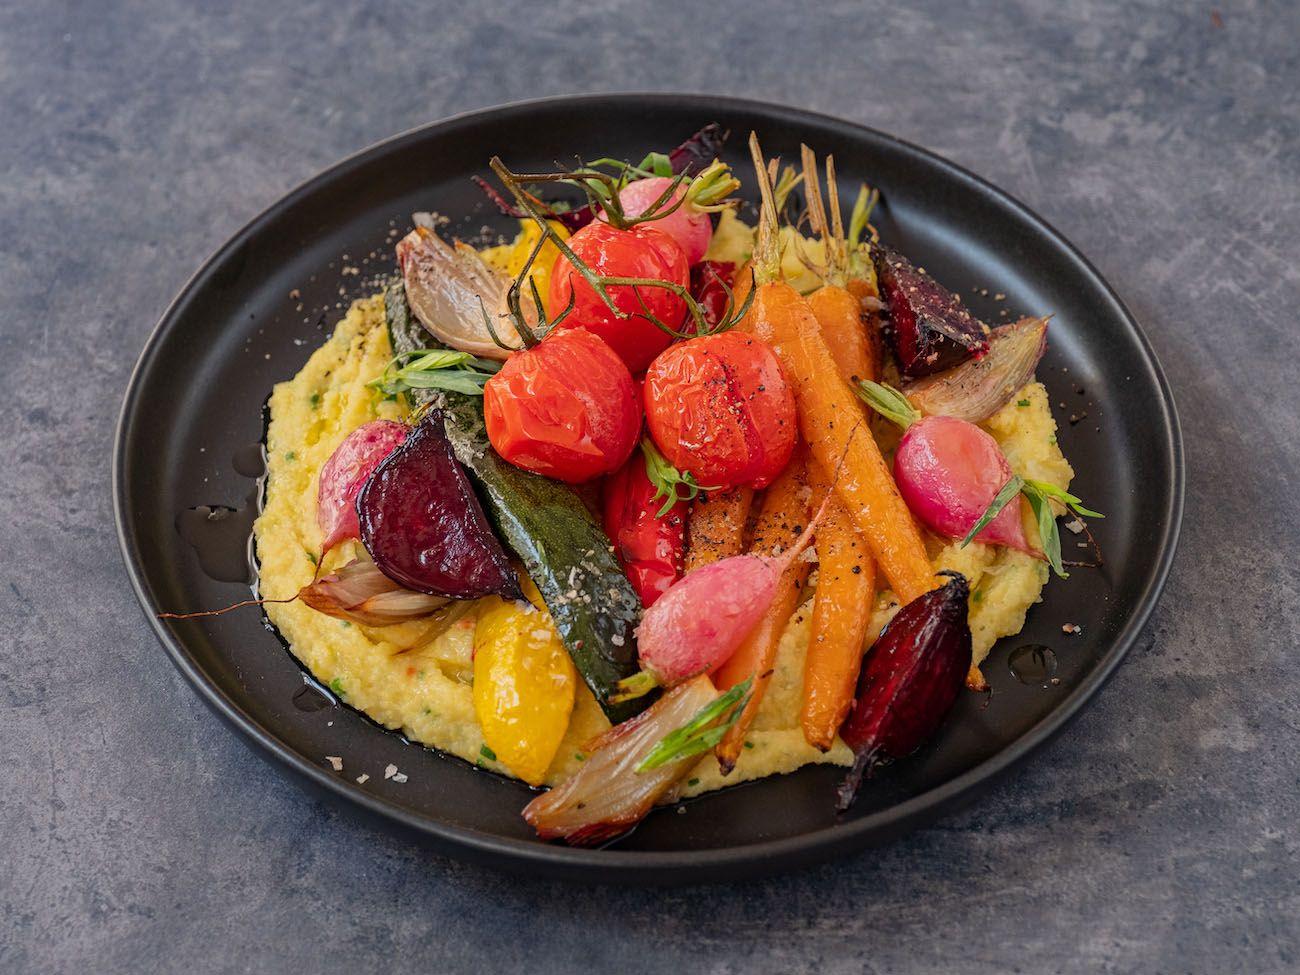 Rezept, Foodblo, About Fuel, Cremige Polenta mit Sommergemüse, Schalotten, Zucchini, Radieschen